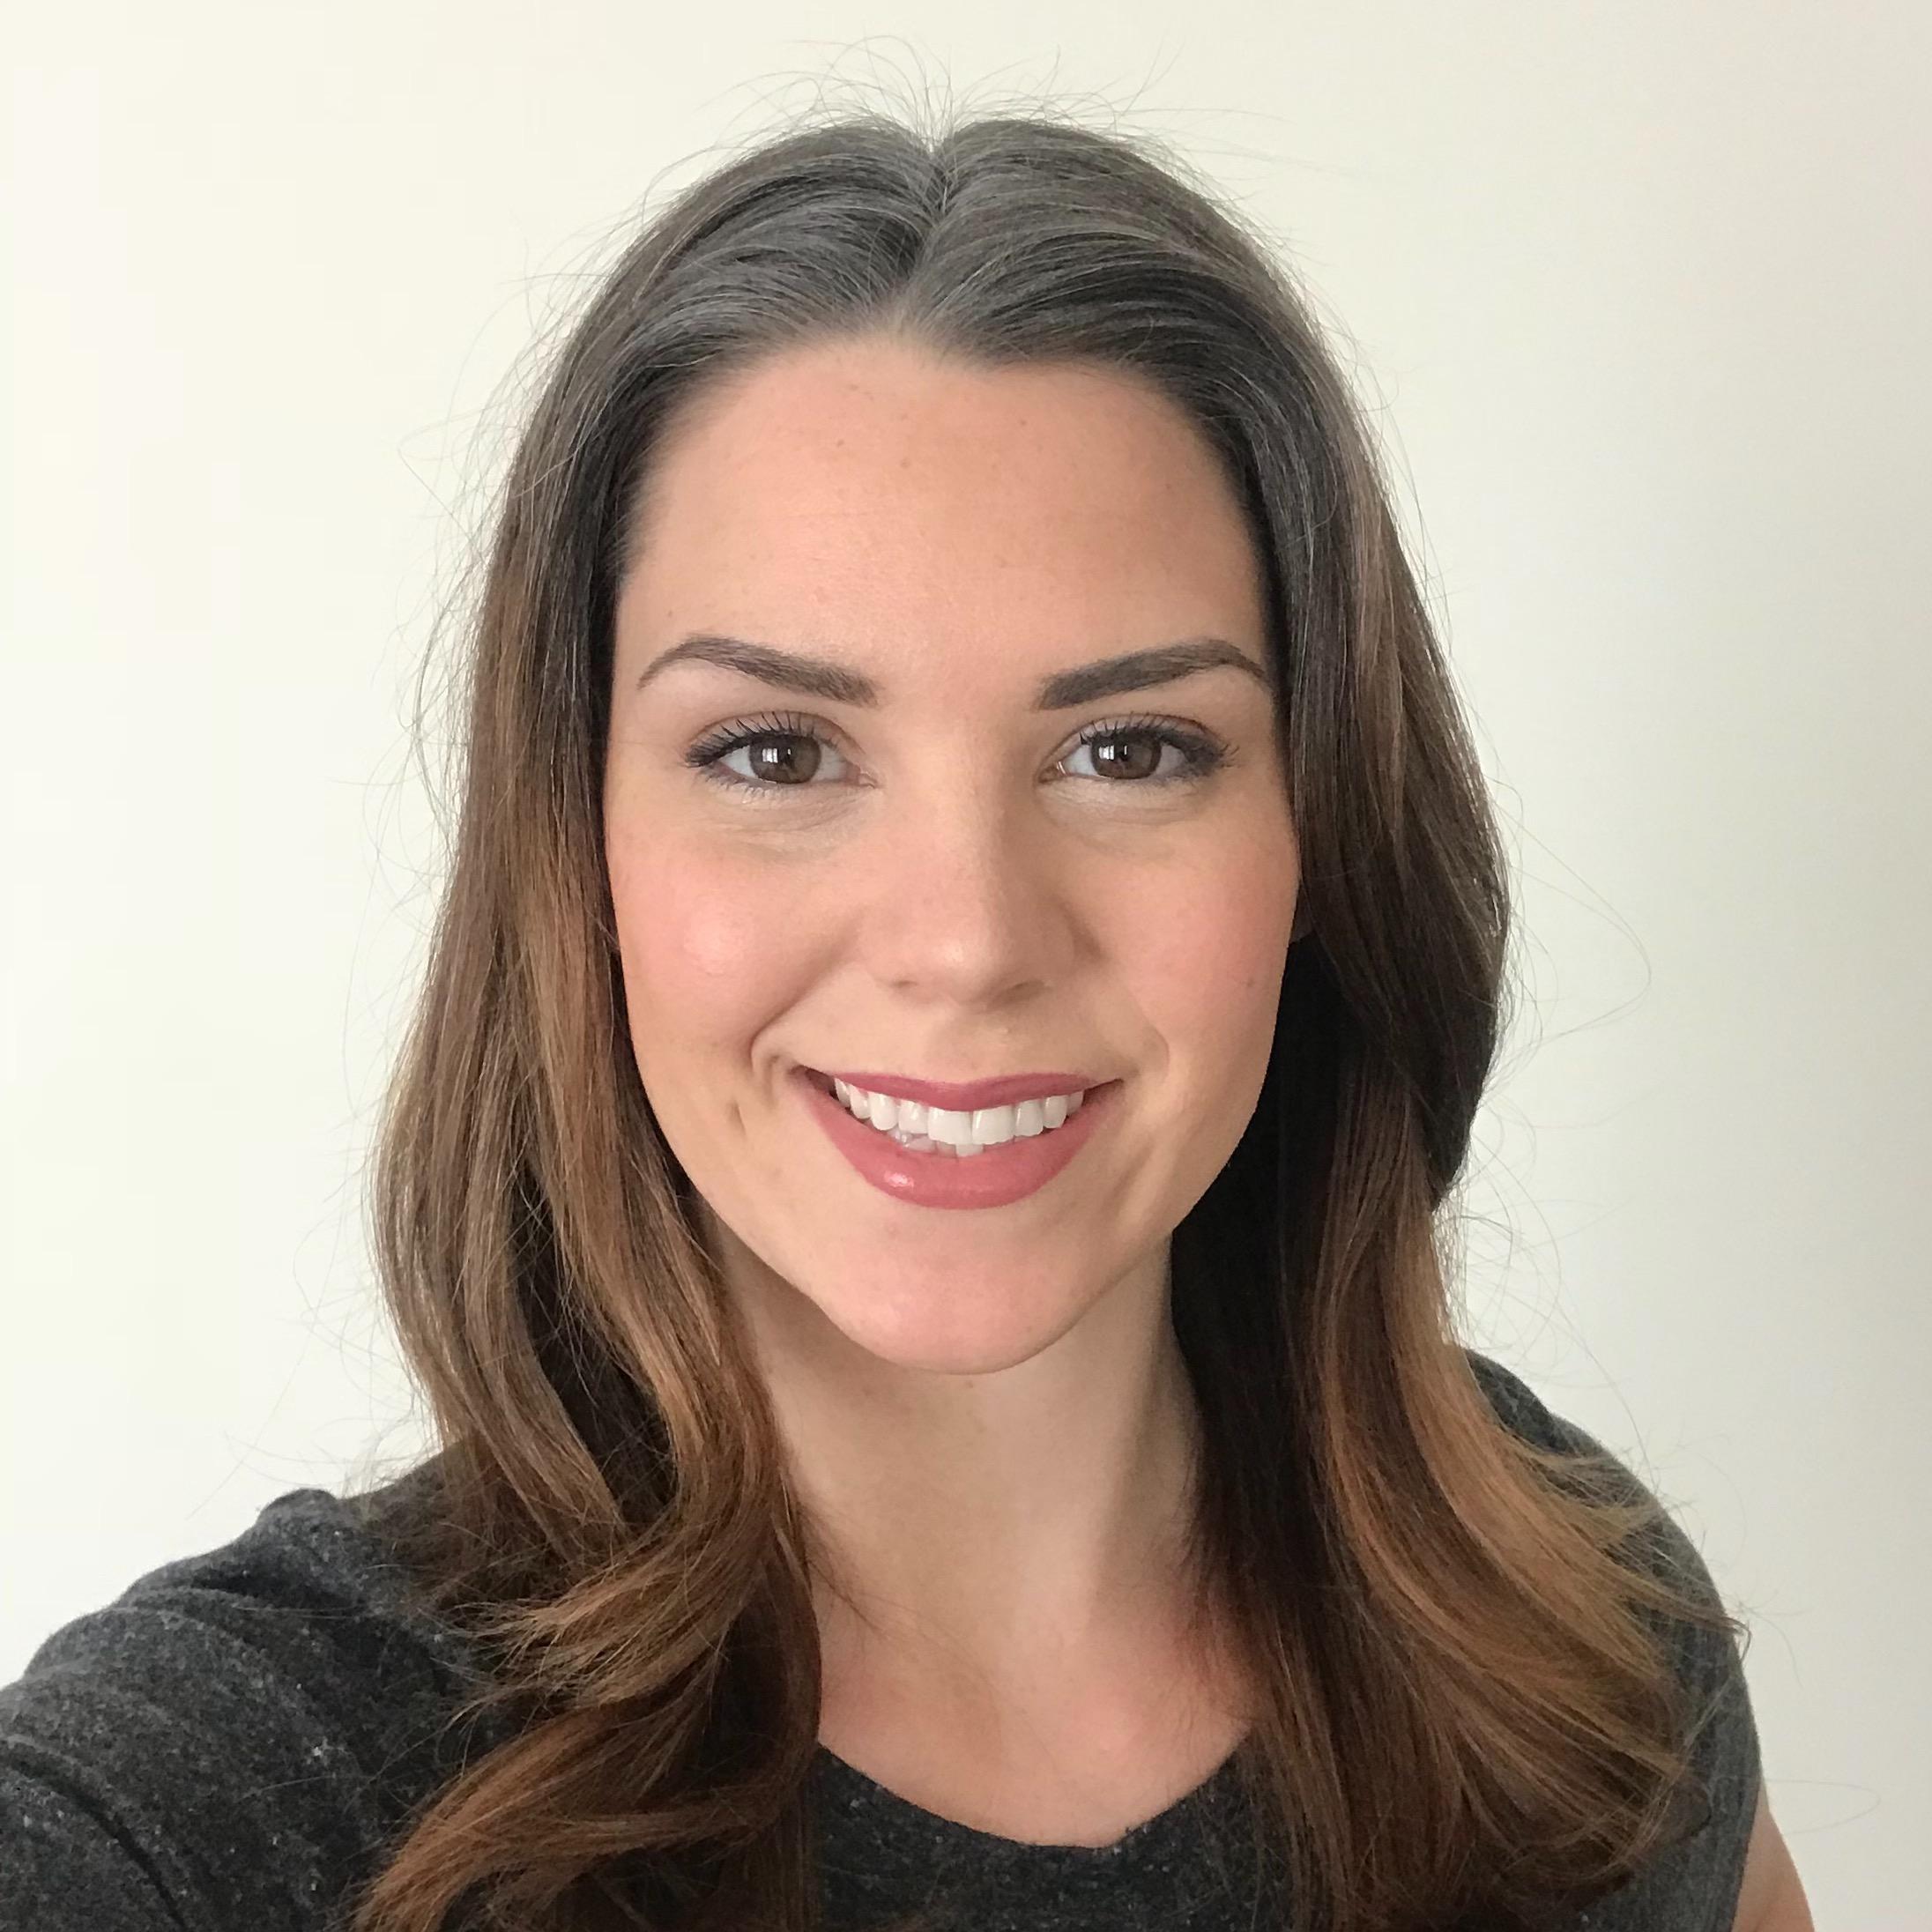 Nikki S.